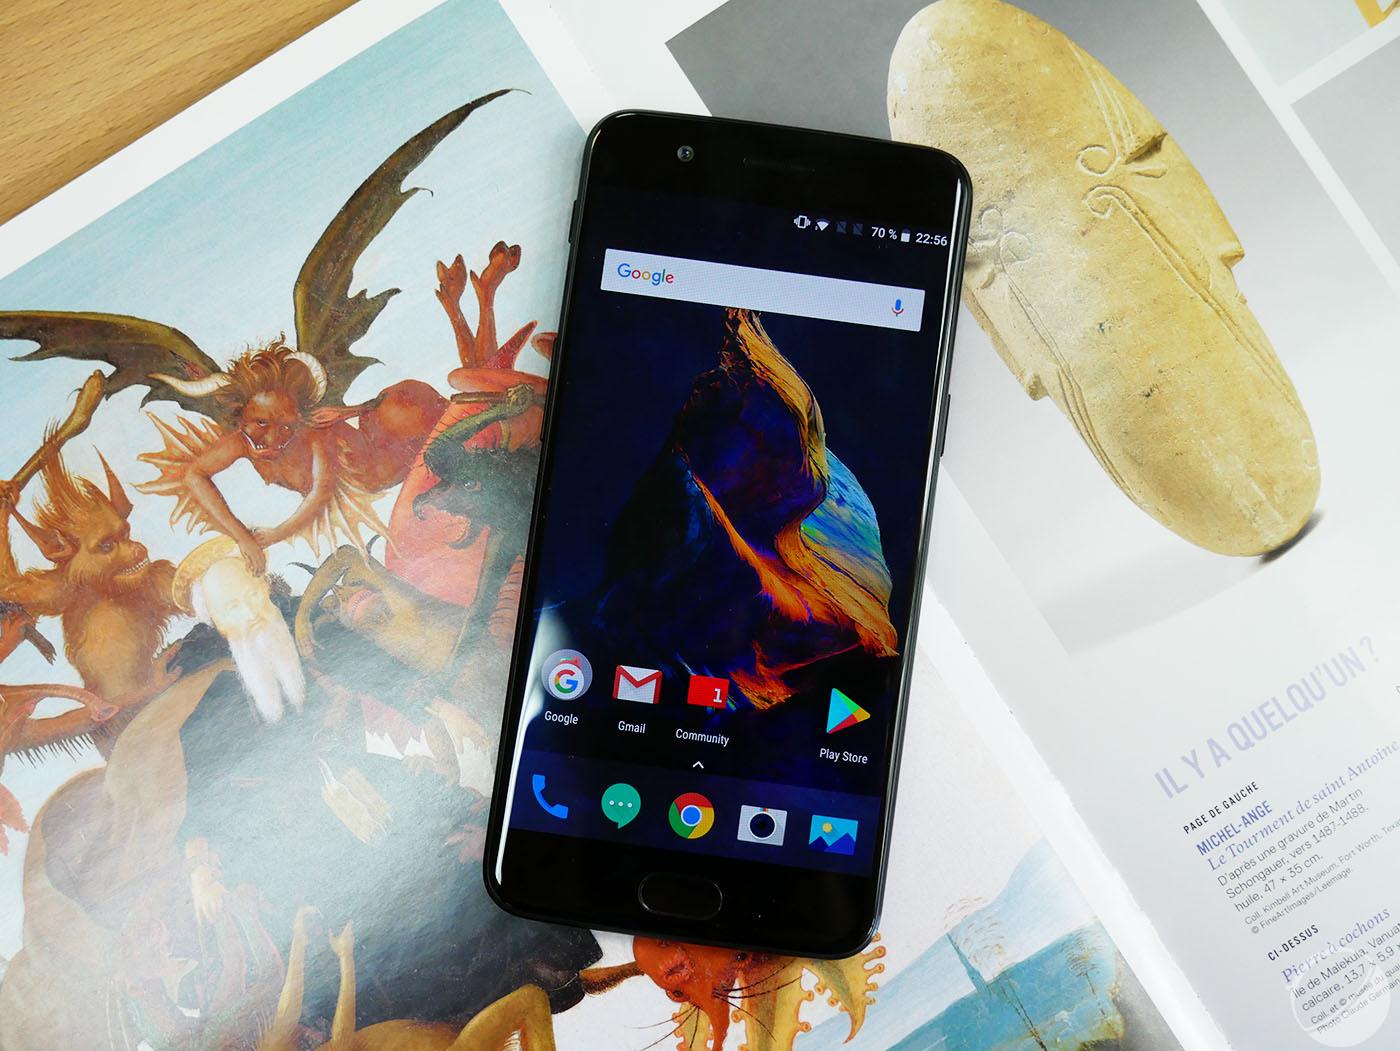 fa8d37eec92bef Bon plan   le OnePlus 5 est à 376 euros au lieu de 499 euros avec son  double capteur photo et son SoC Snapdragon 835